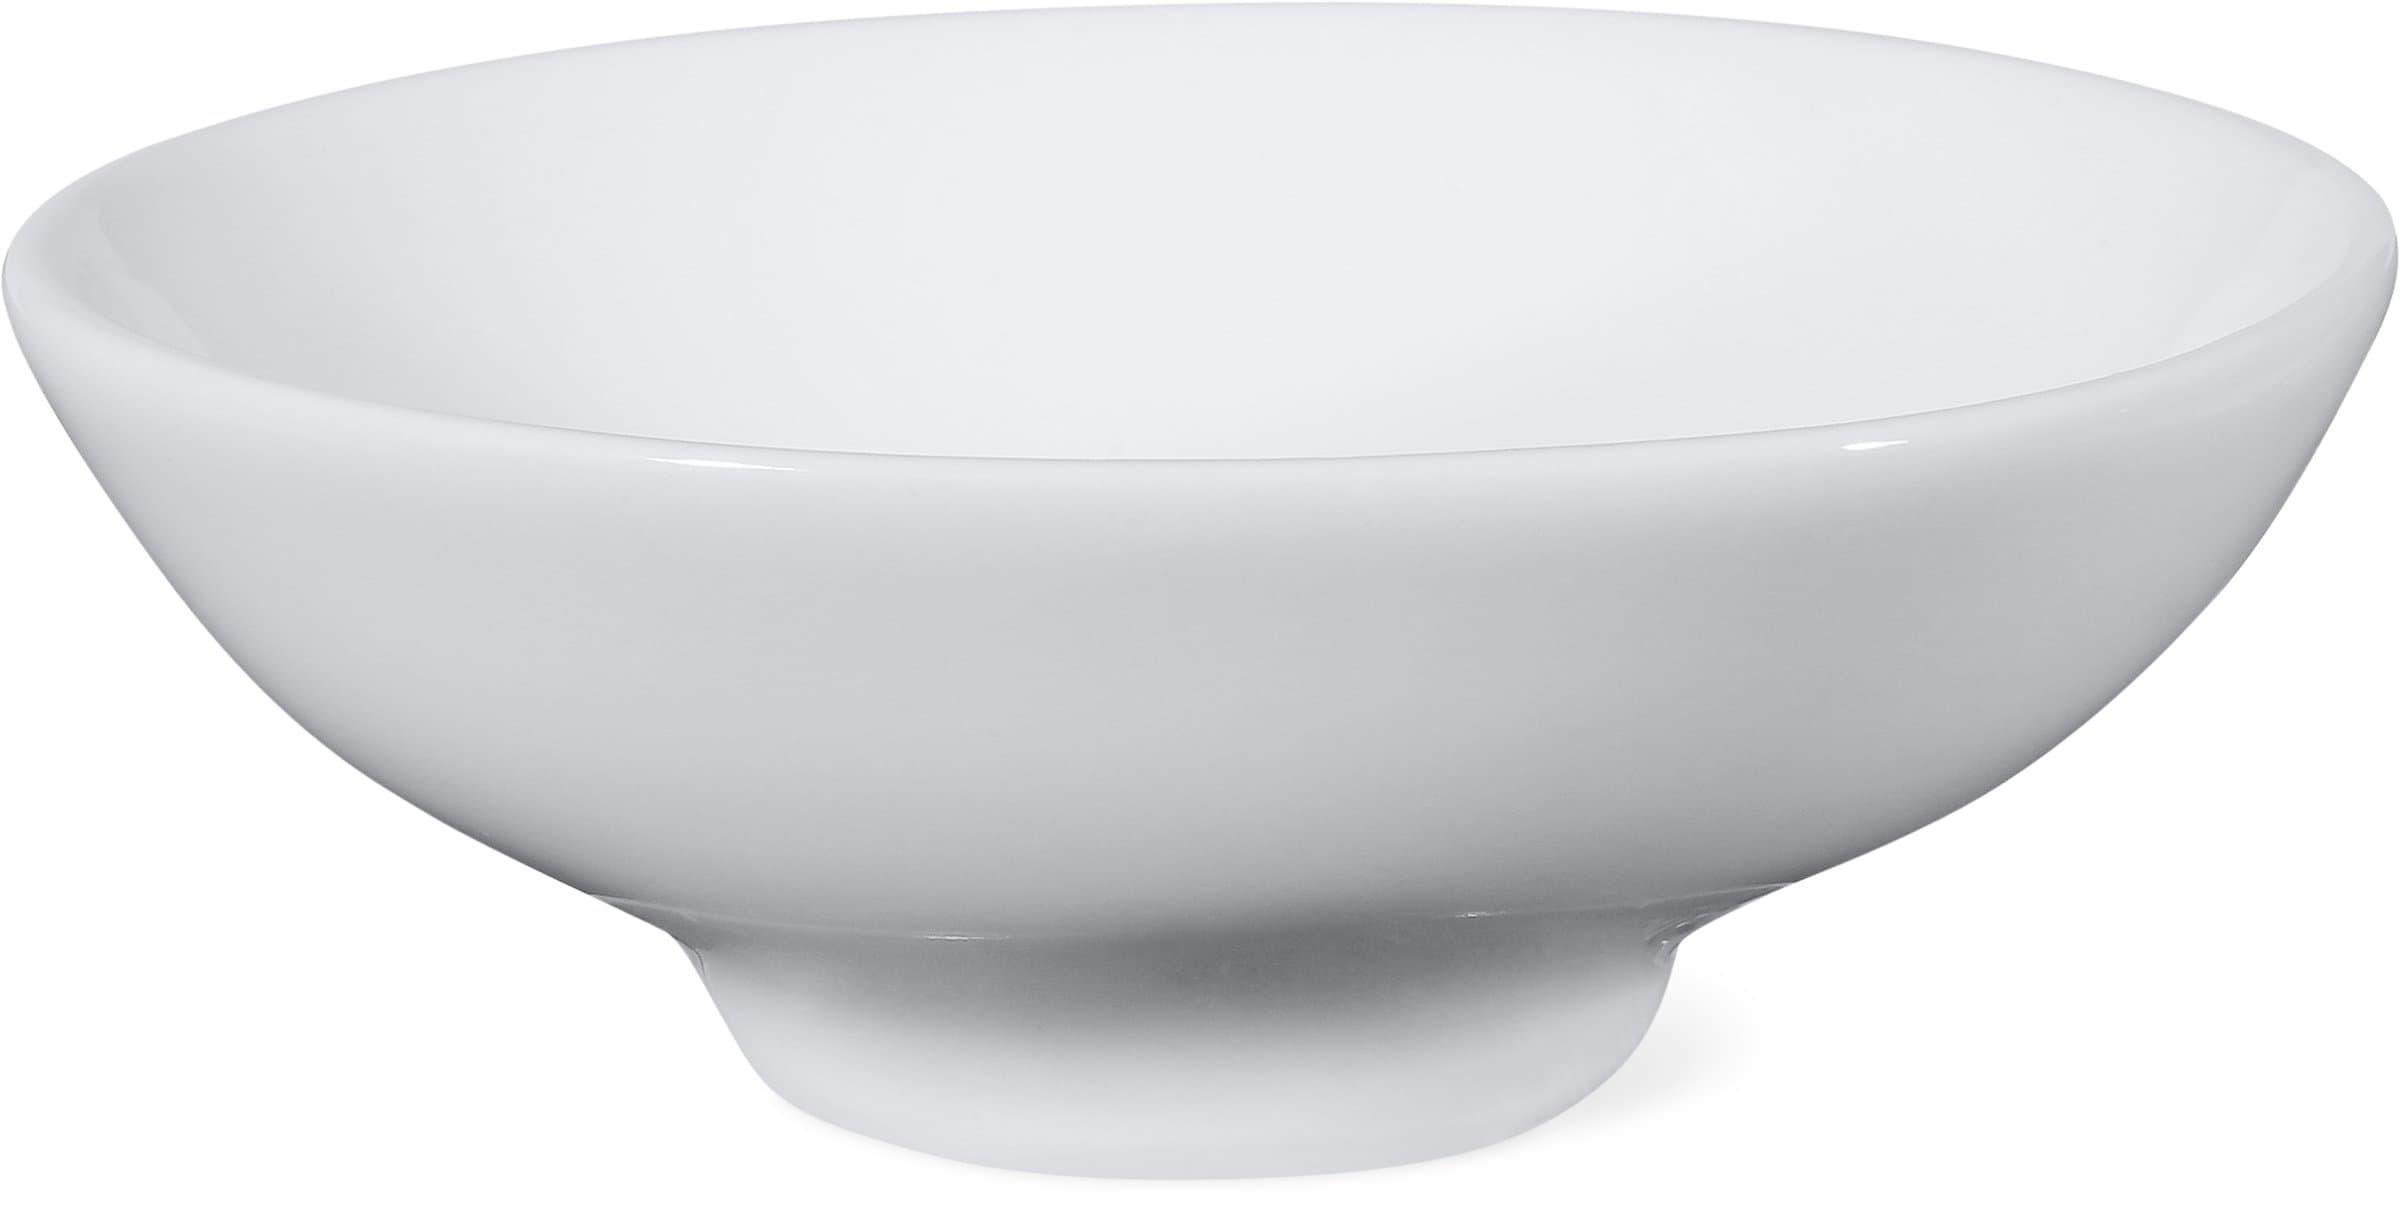 Cucina & Tavola PURE Ciotola 9.5x8cm